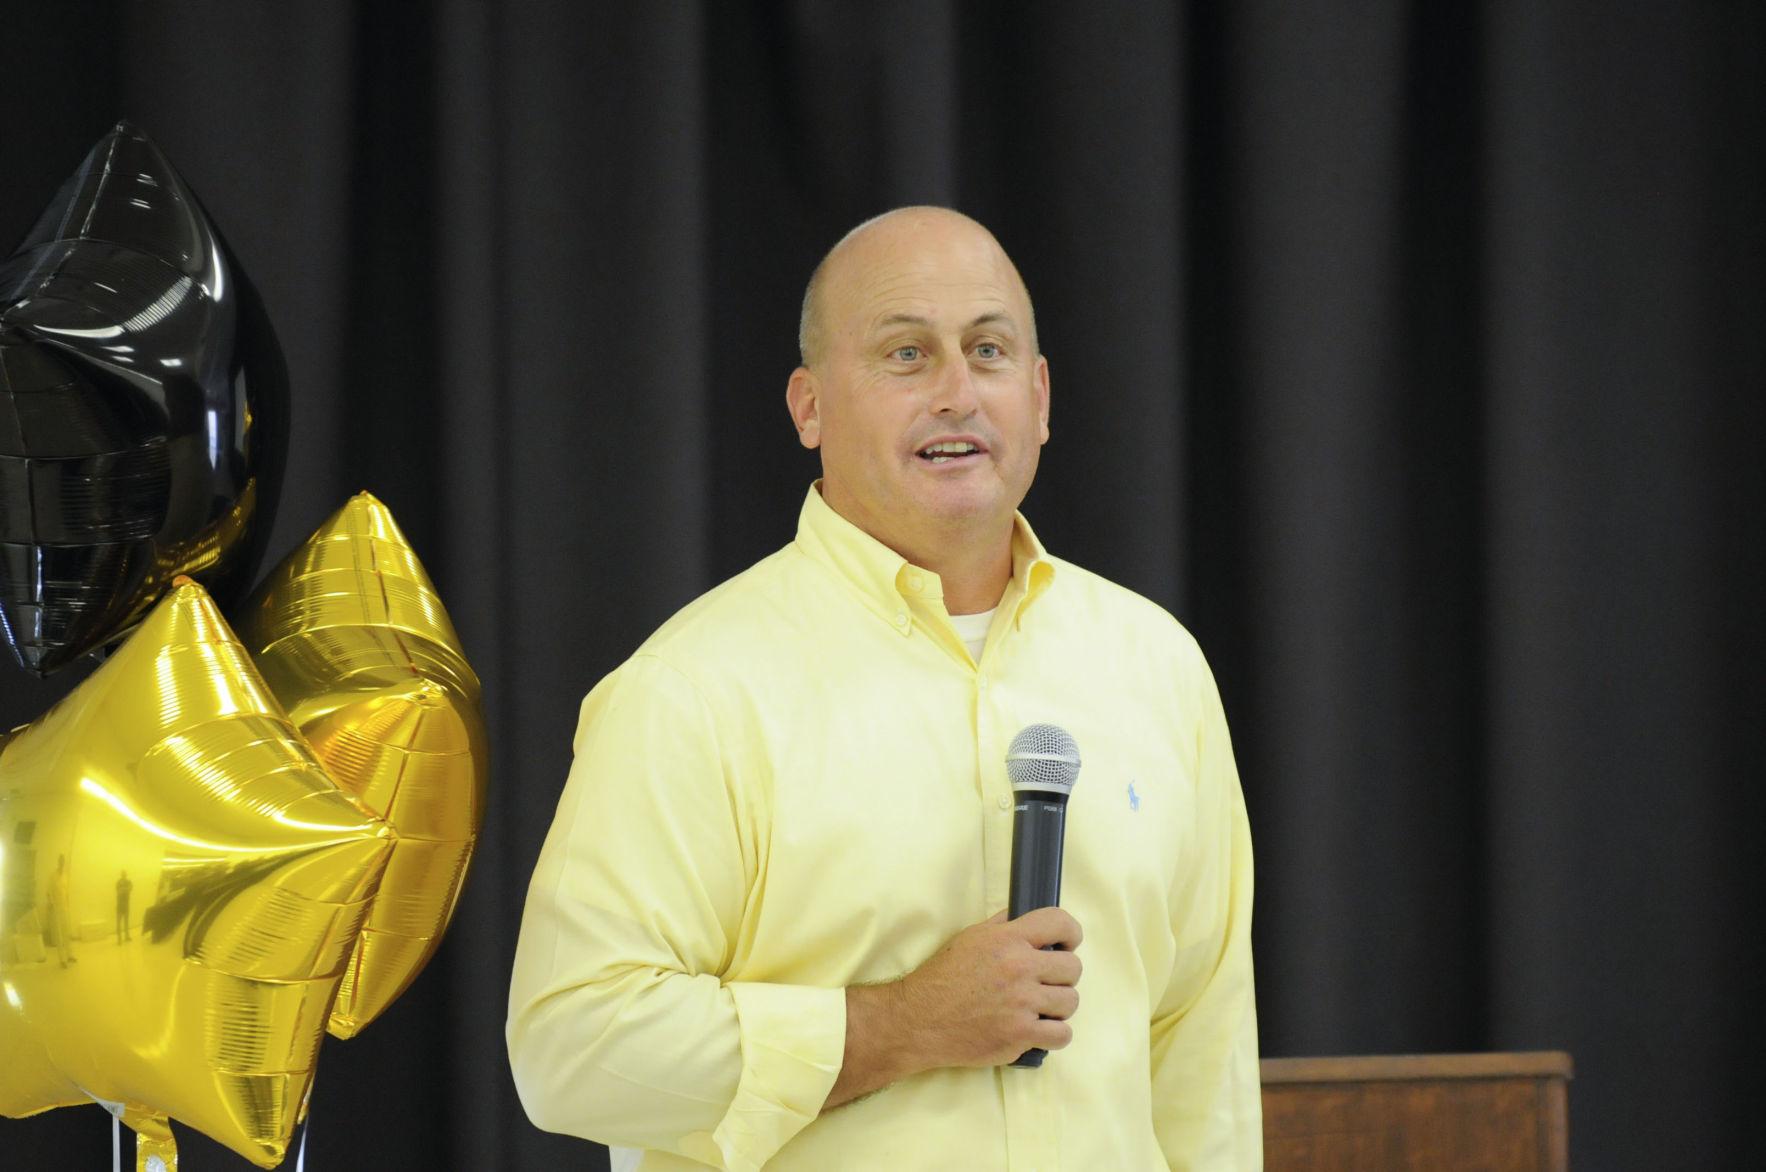 Wagonseller resigns as Cabrillo High principal effective